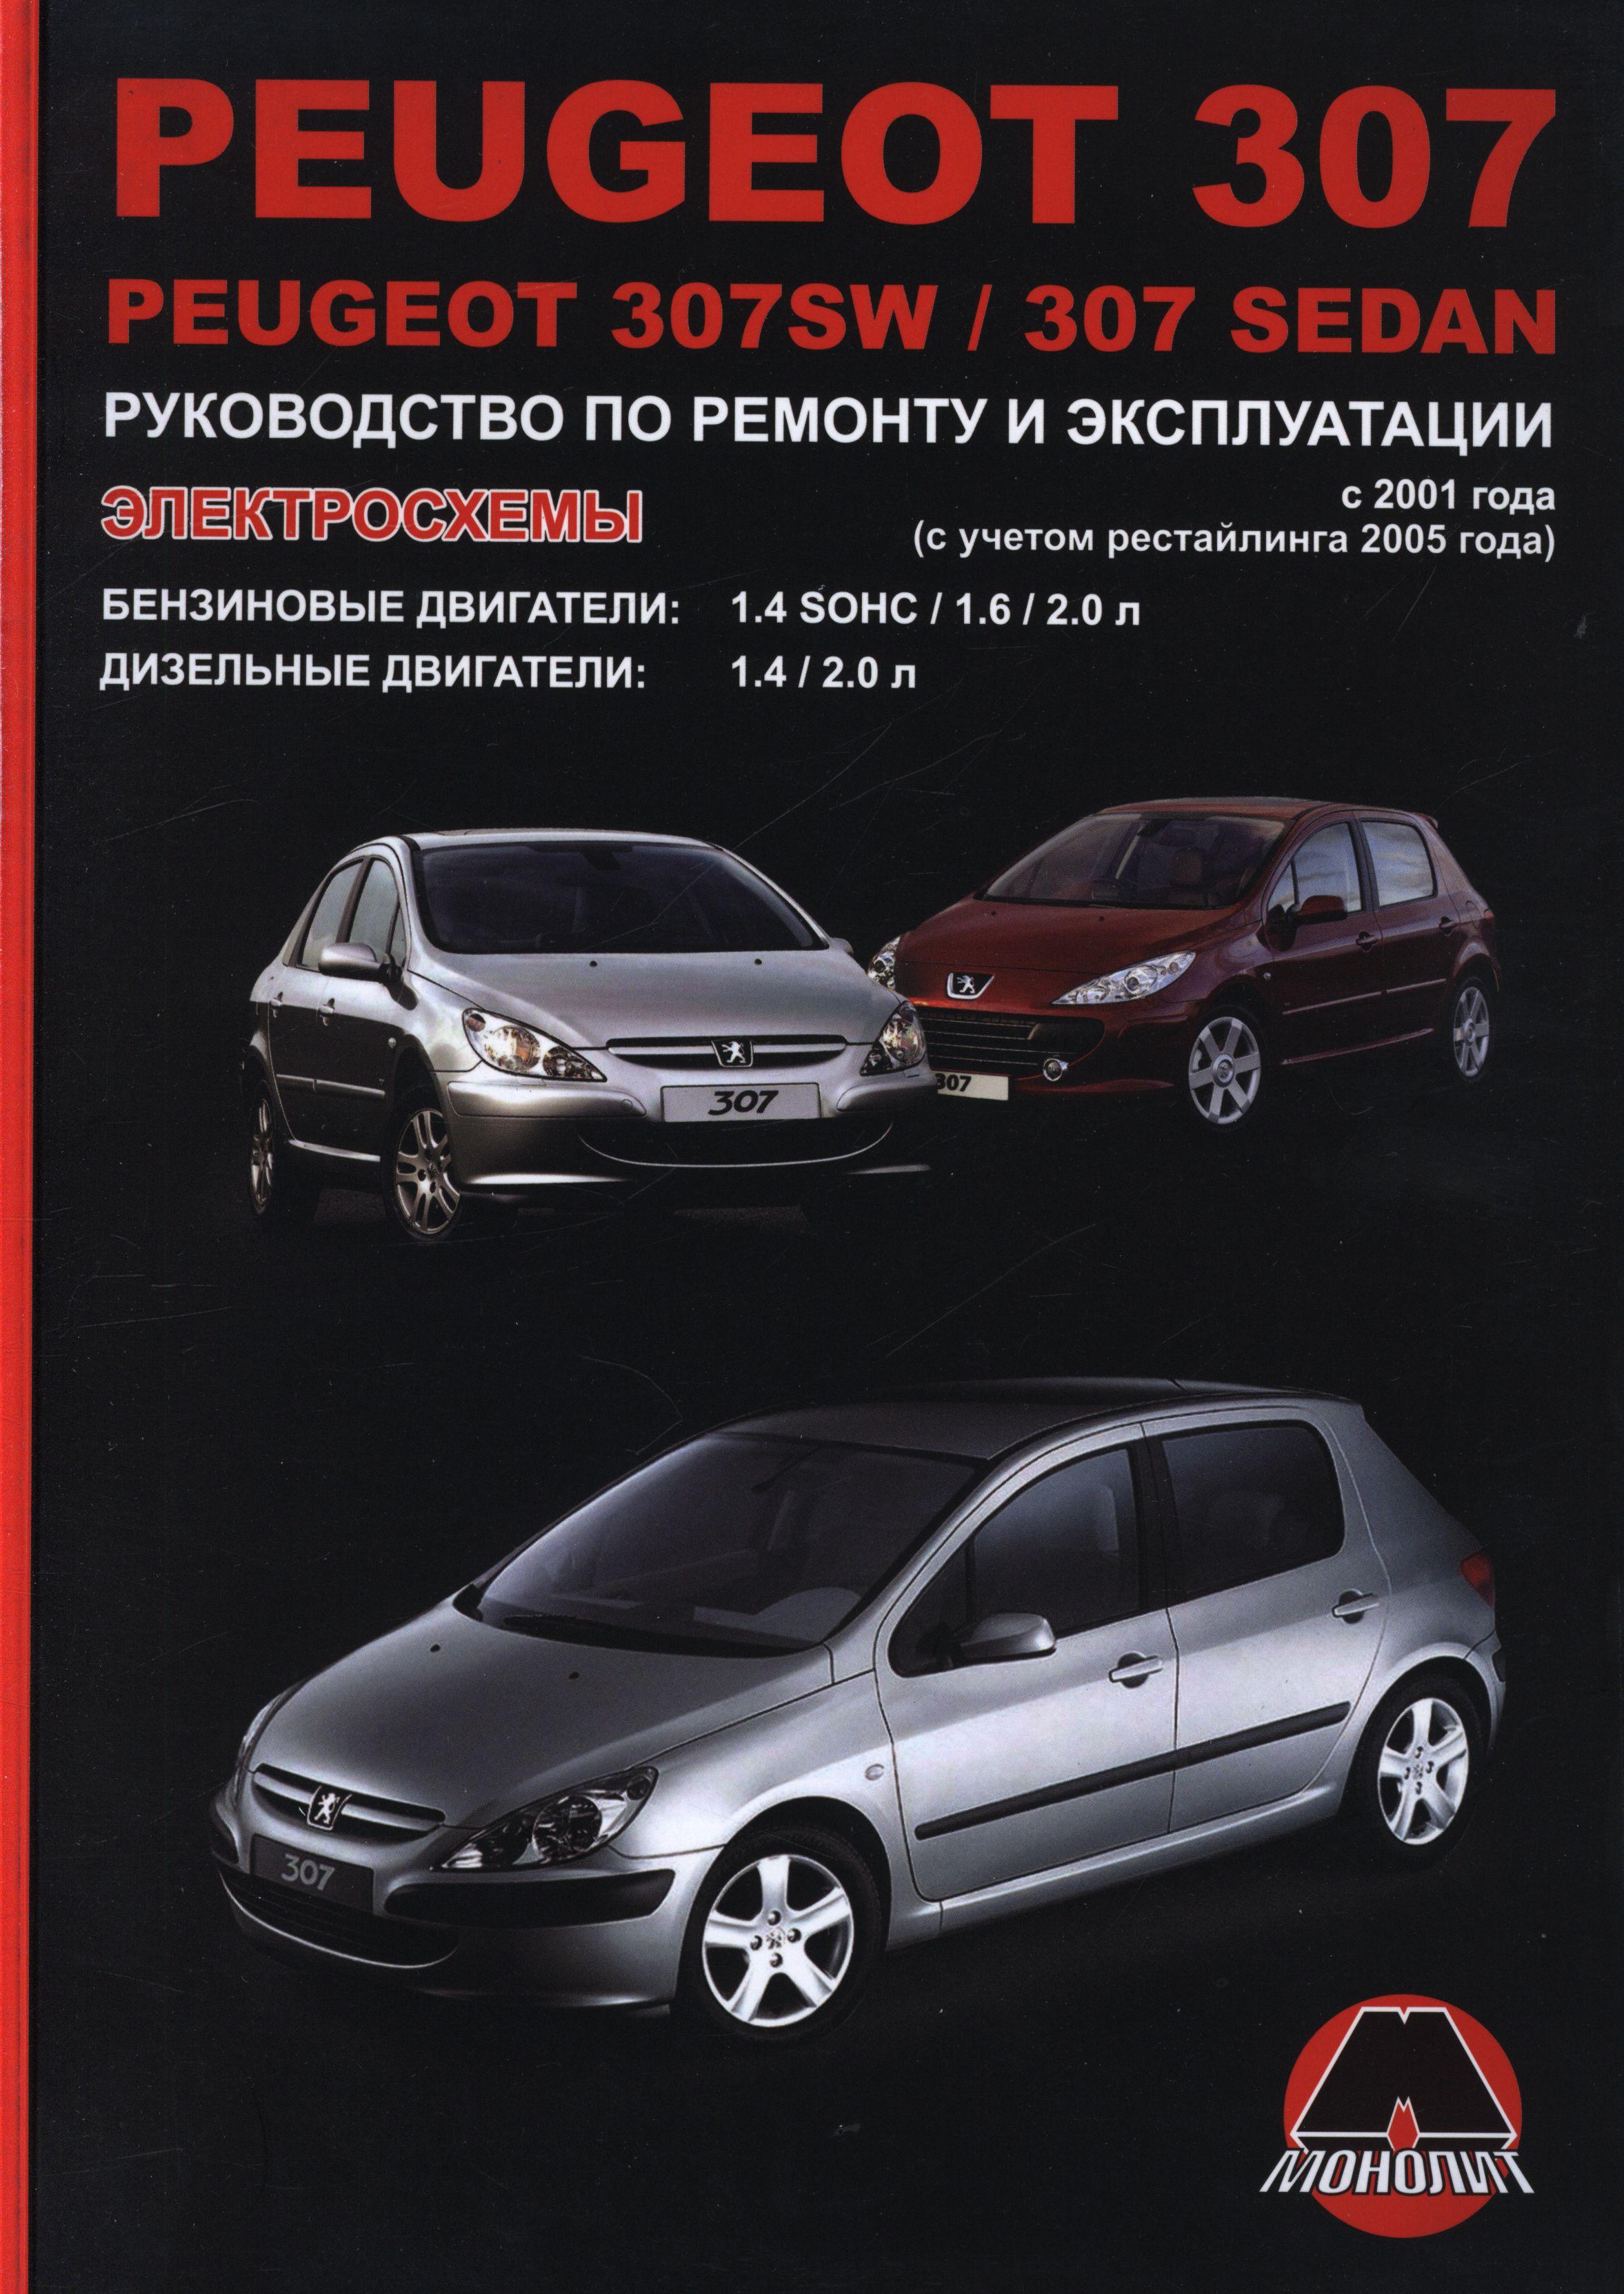 PEUGEOT 307 / 307 SW / 307 SEDAN 2001 (обновления 2005) бензин / дизель Руководство по ремонту и эксплуатации